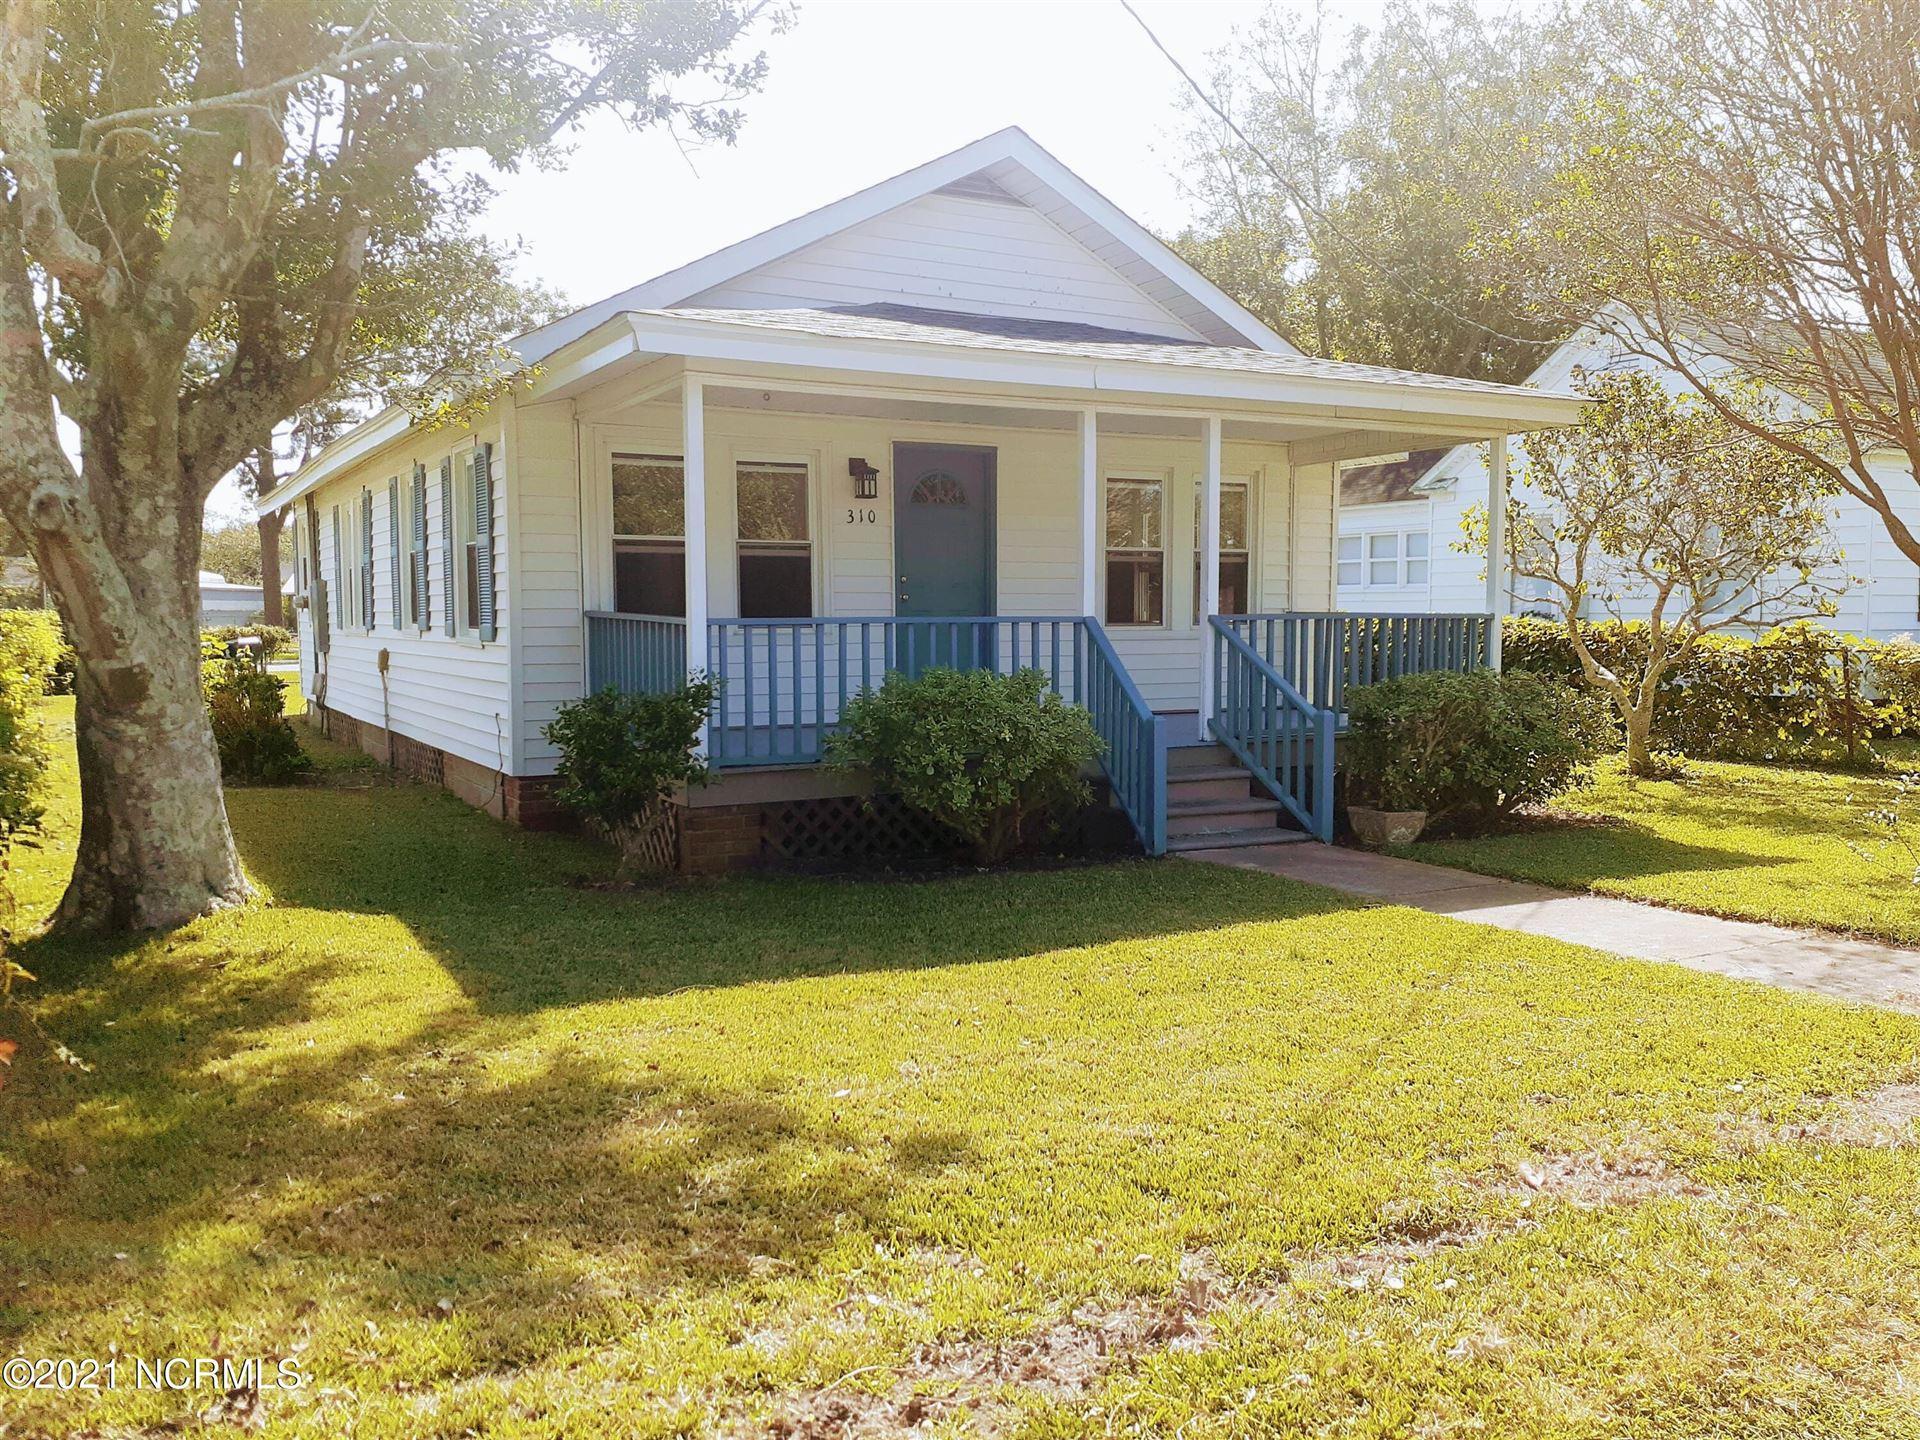 Photo of 310 Craven Avenue, Beaufort, NC 28516 (MLS # 100295354)